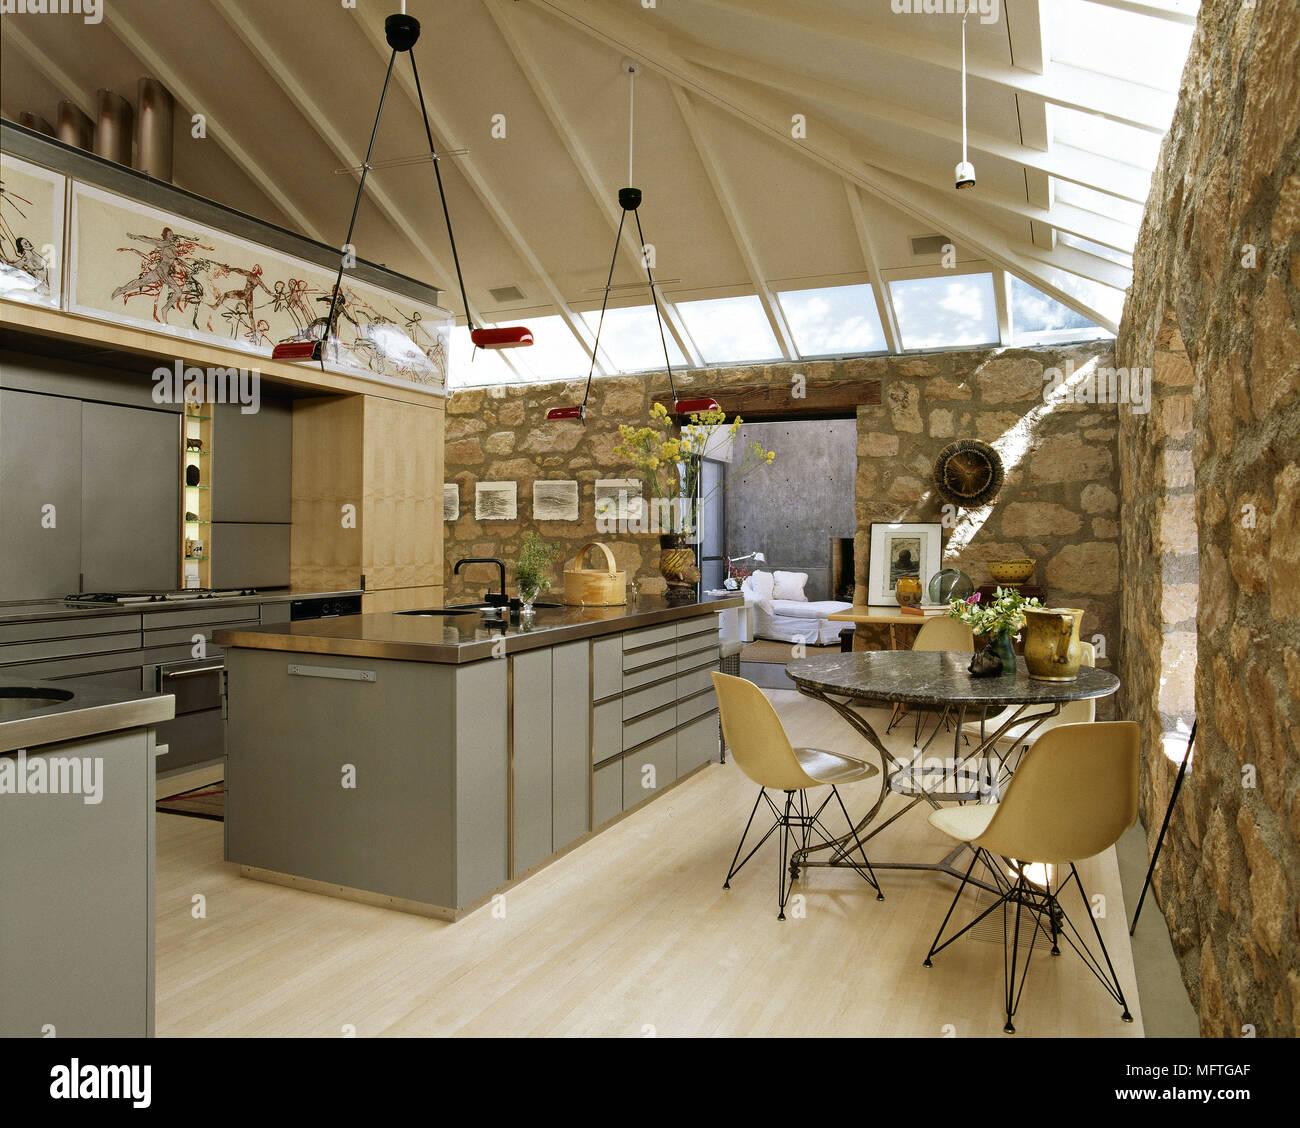 Moderne Offene Küche Und Essbereich Mit Zentraler Kochinsel Und Steinmauern